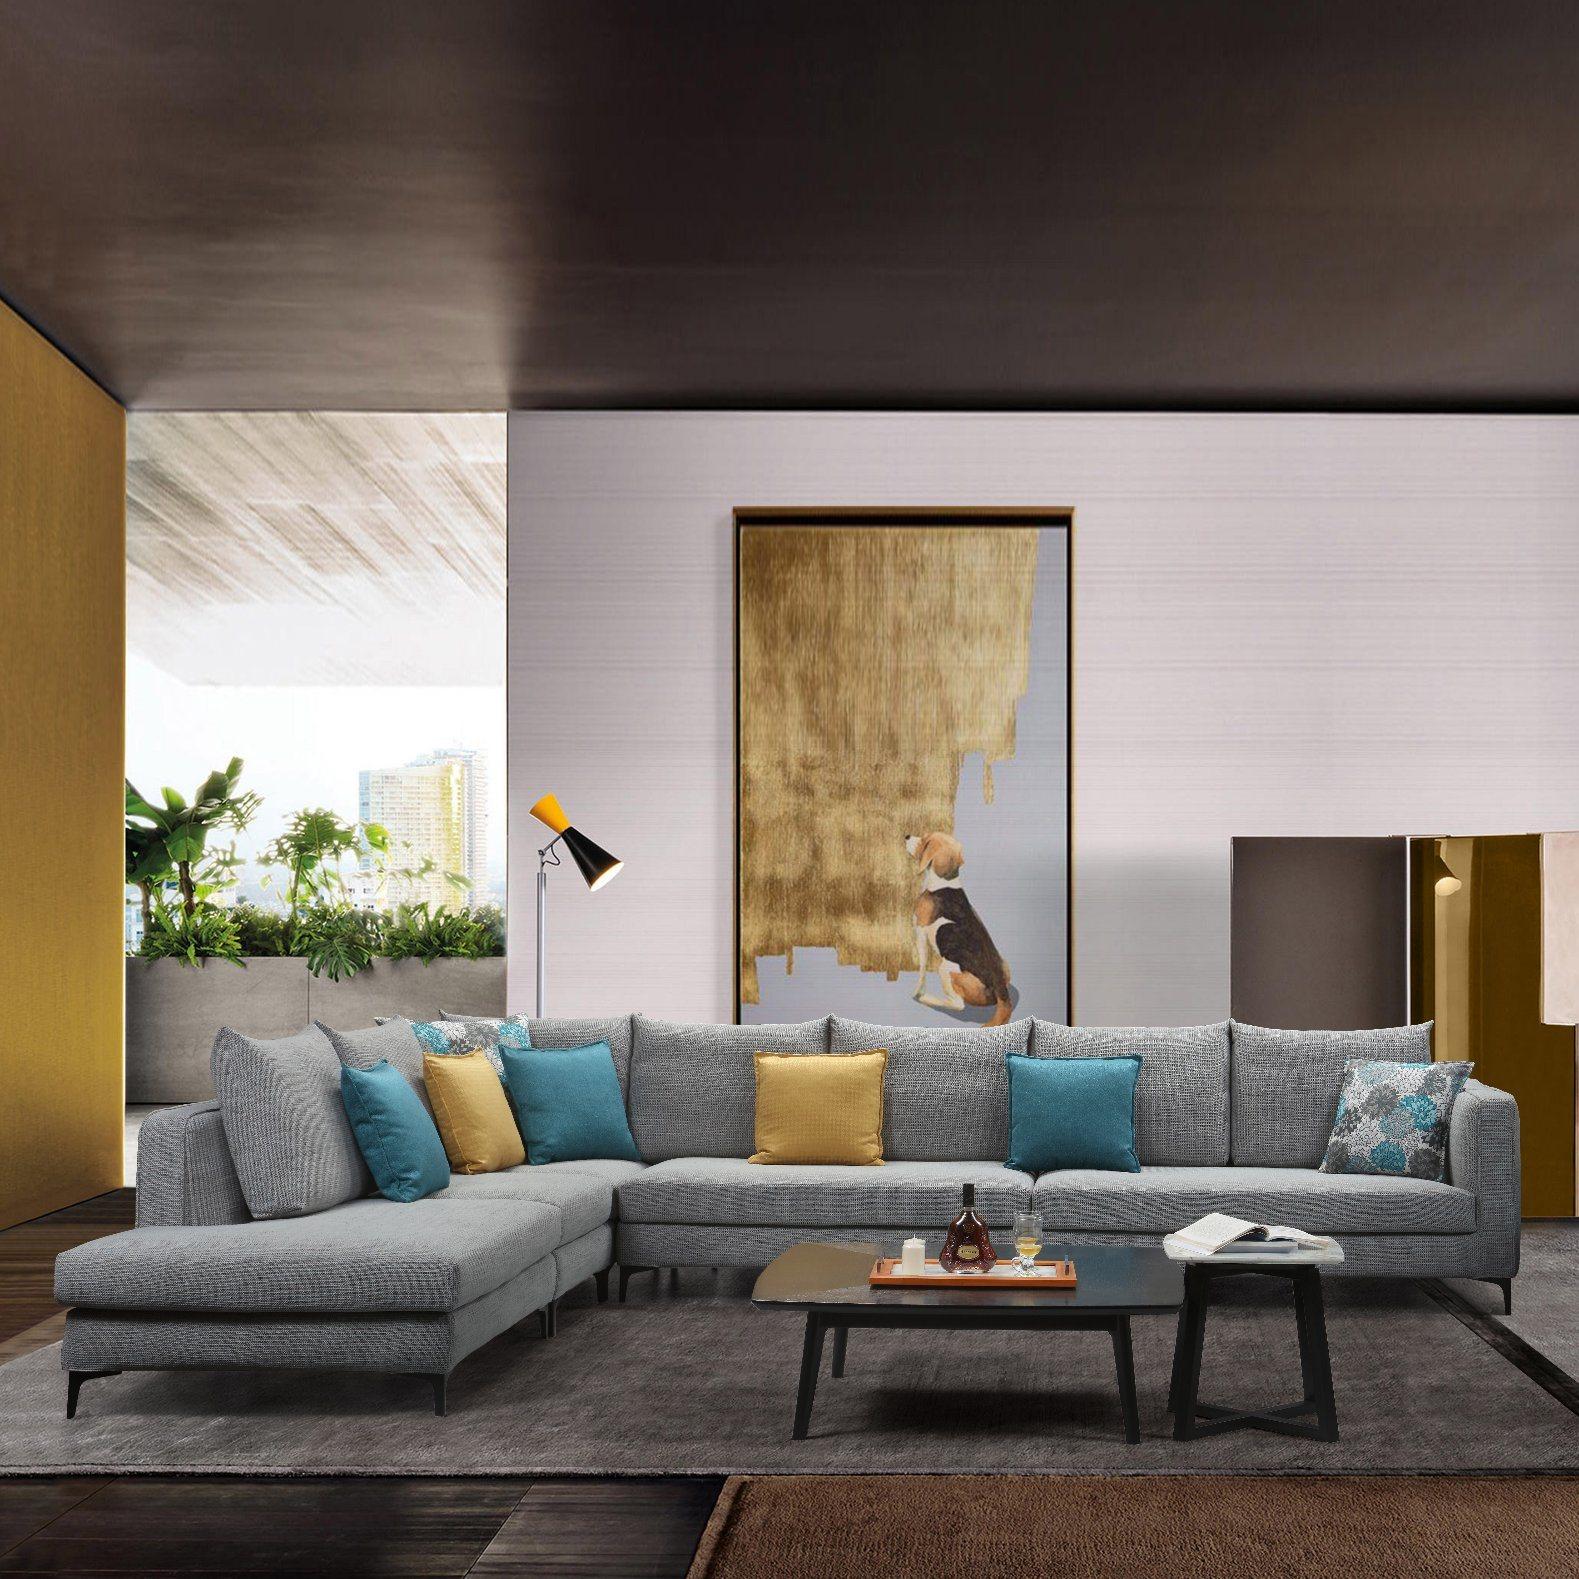 حجم كبير يعيش غرفة أثاث لازم ركن بناء أريكة